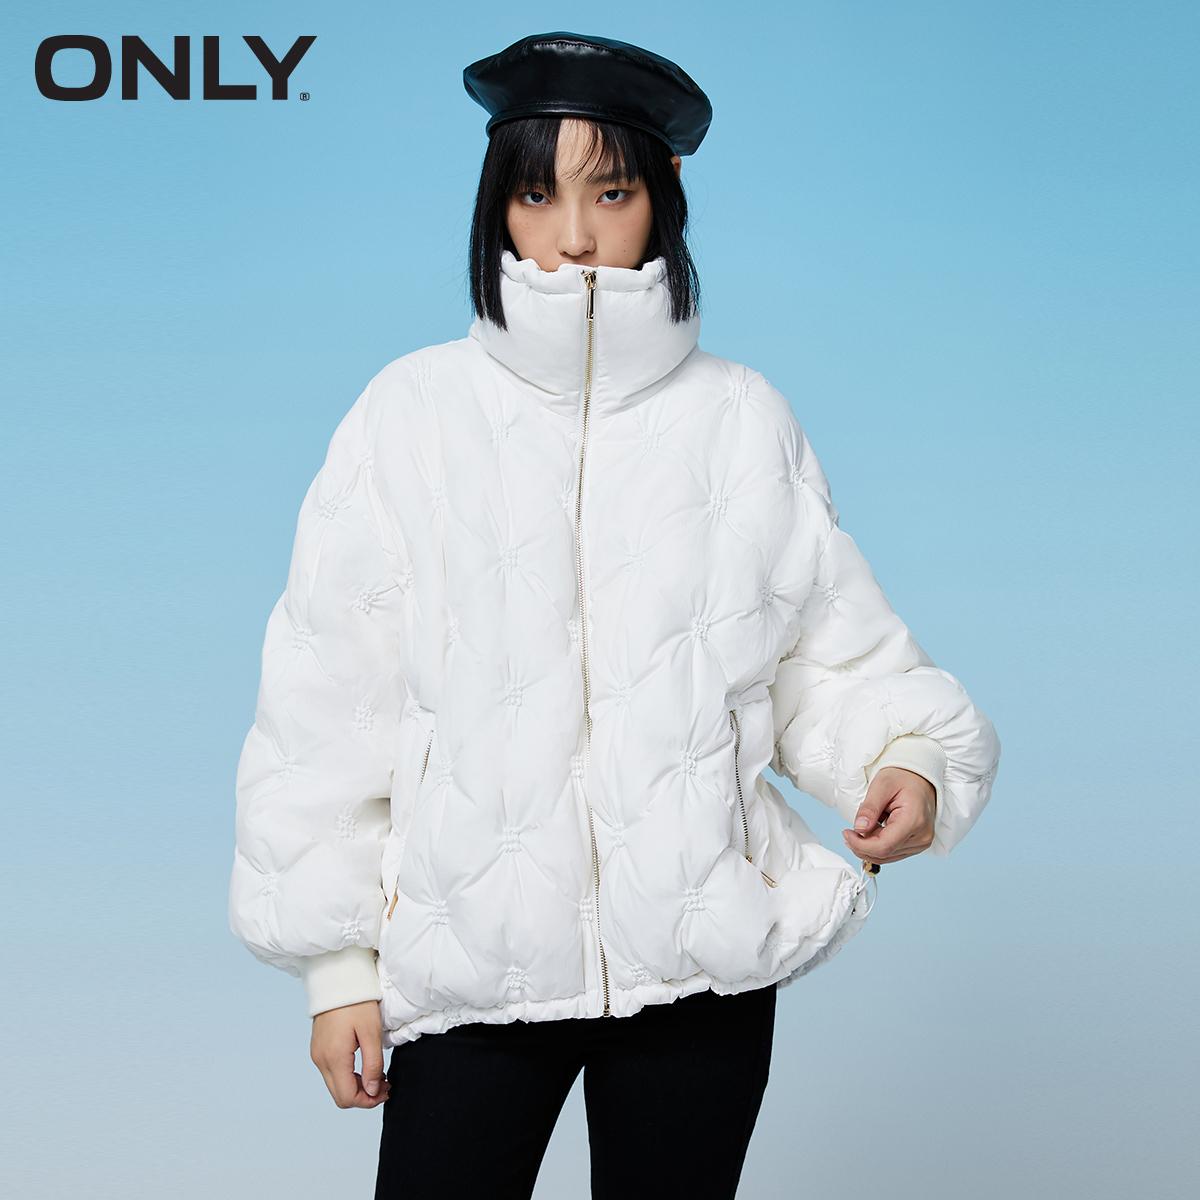 【双11预售】ONLY2021冬季新款抽褶短款泡芙羽绒服女|121423008